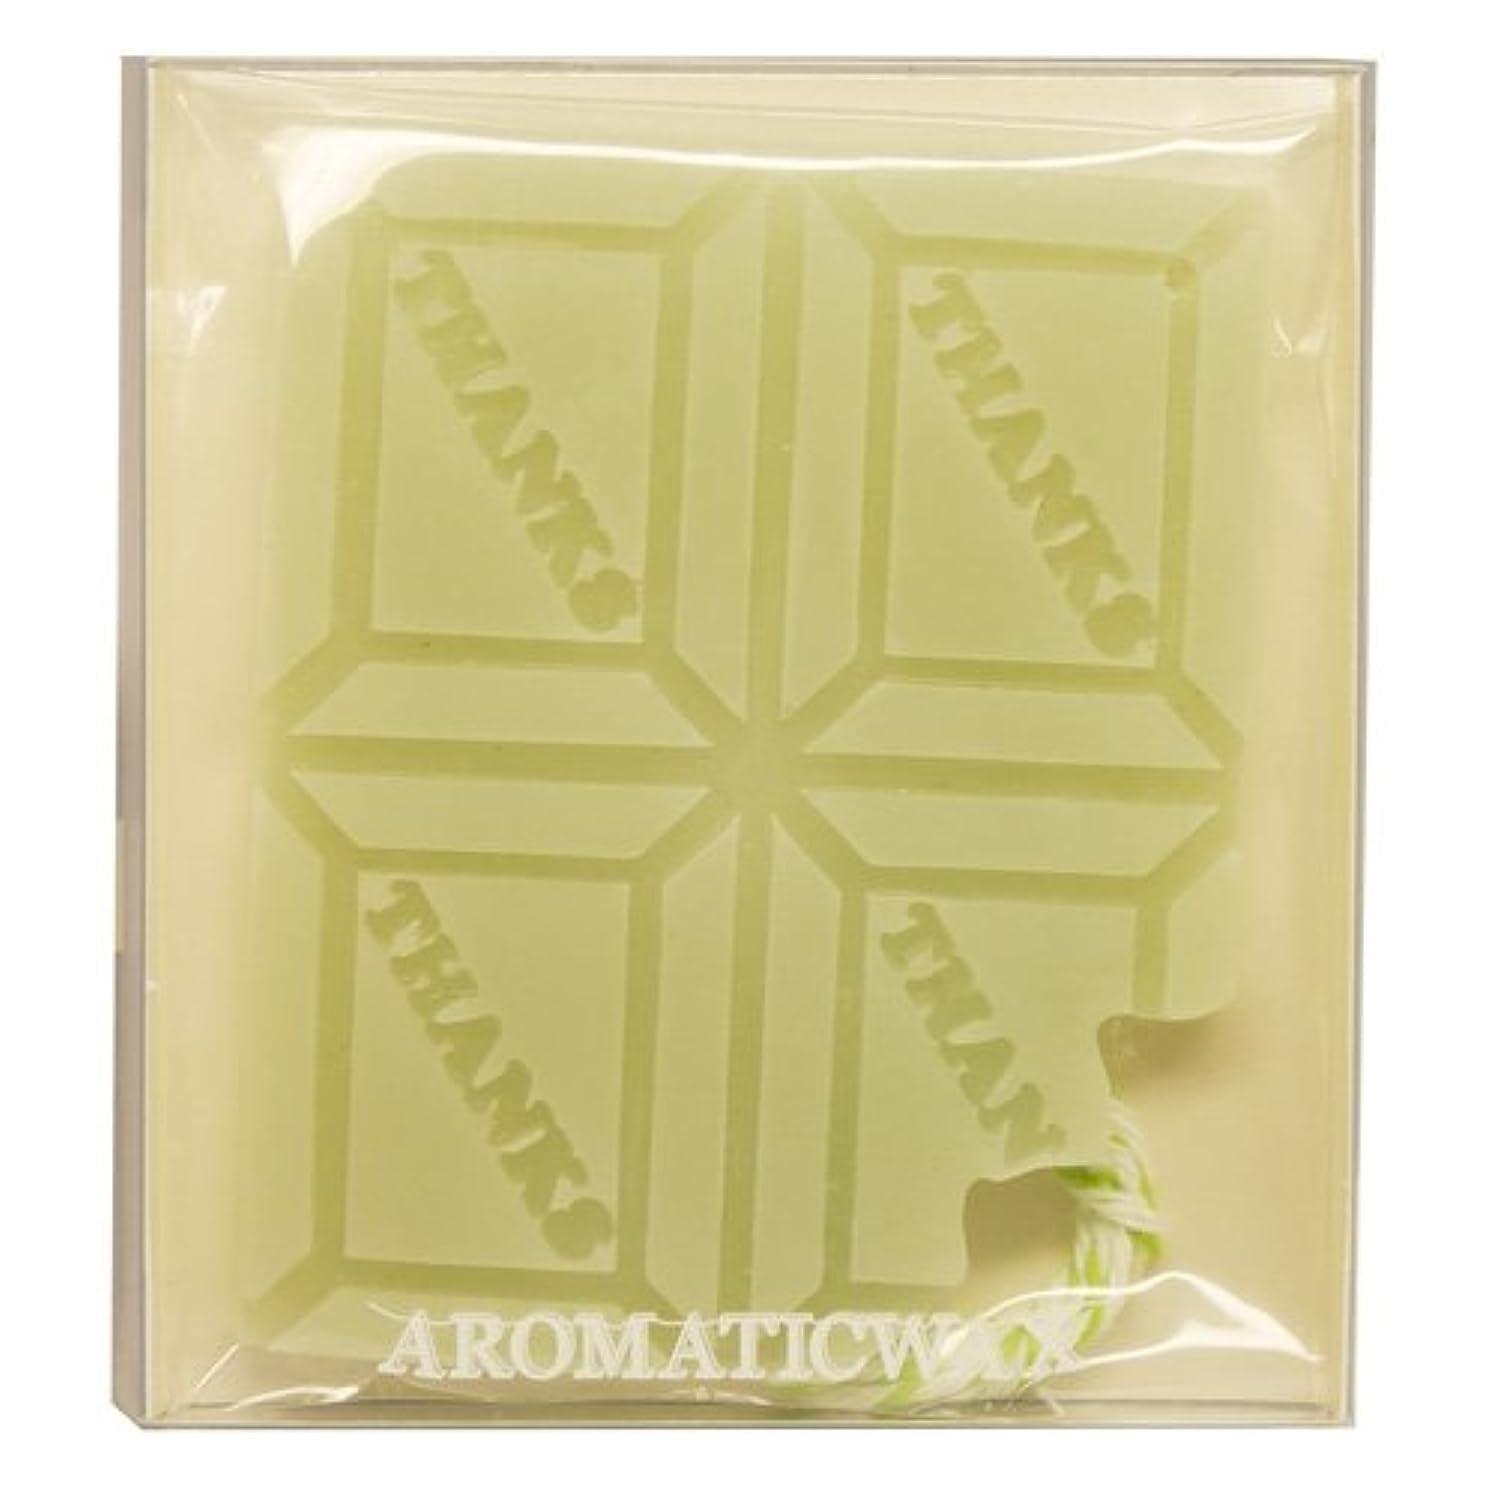 アーチ緩むもGRASSE TOKYO AROMATICWAXチャーム「板チョコ(THANKS)」(GR) レモングラス アロマティックワックス グラーストウキョウ